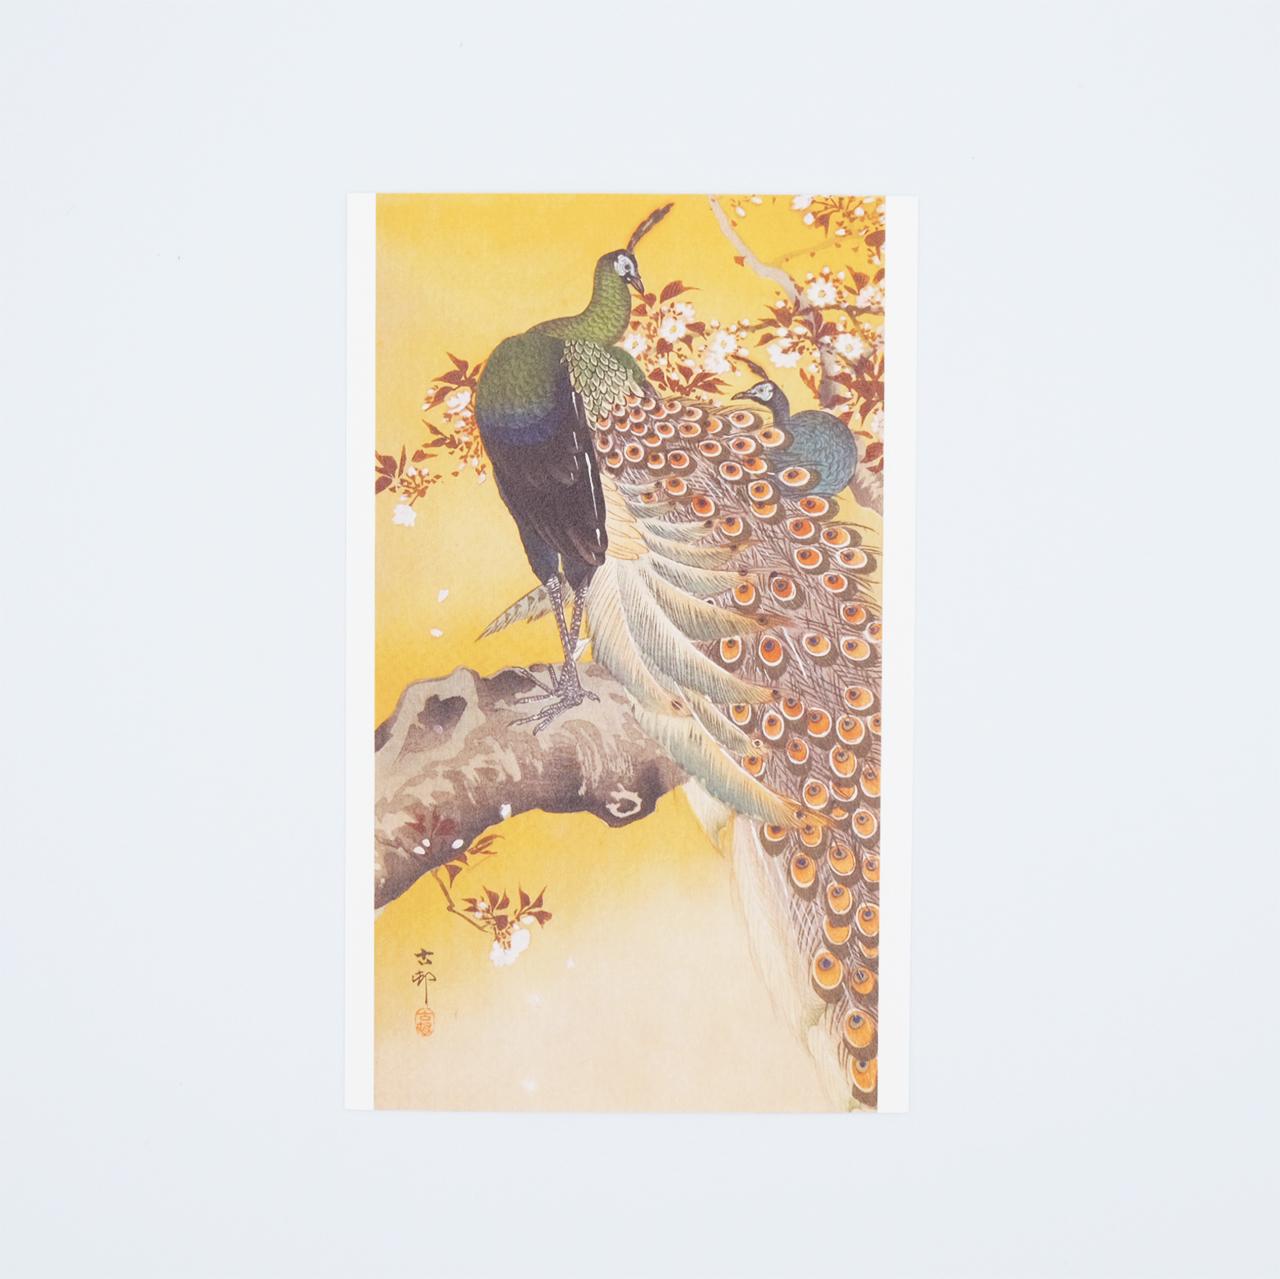 小原古邨ポストカード 桜につがいの孔雀